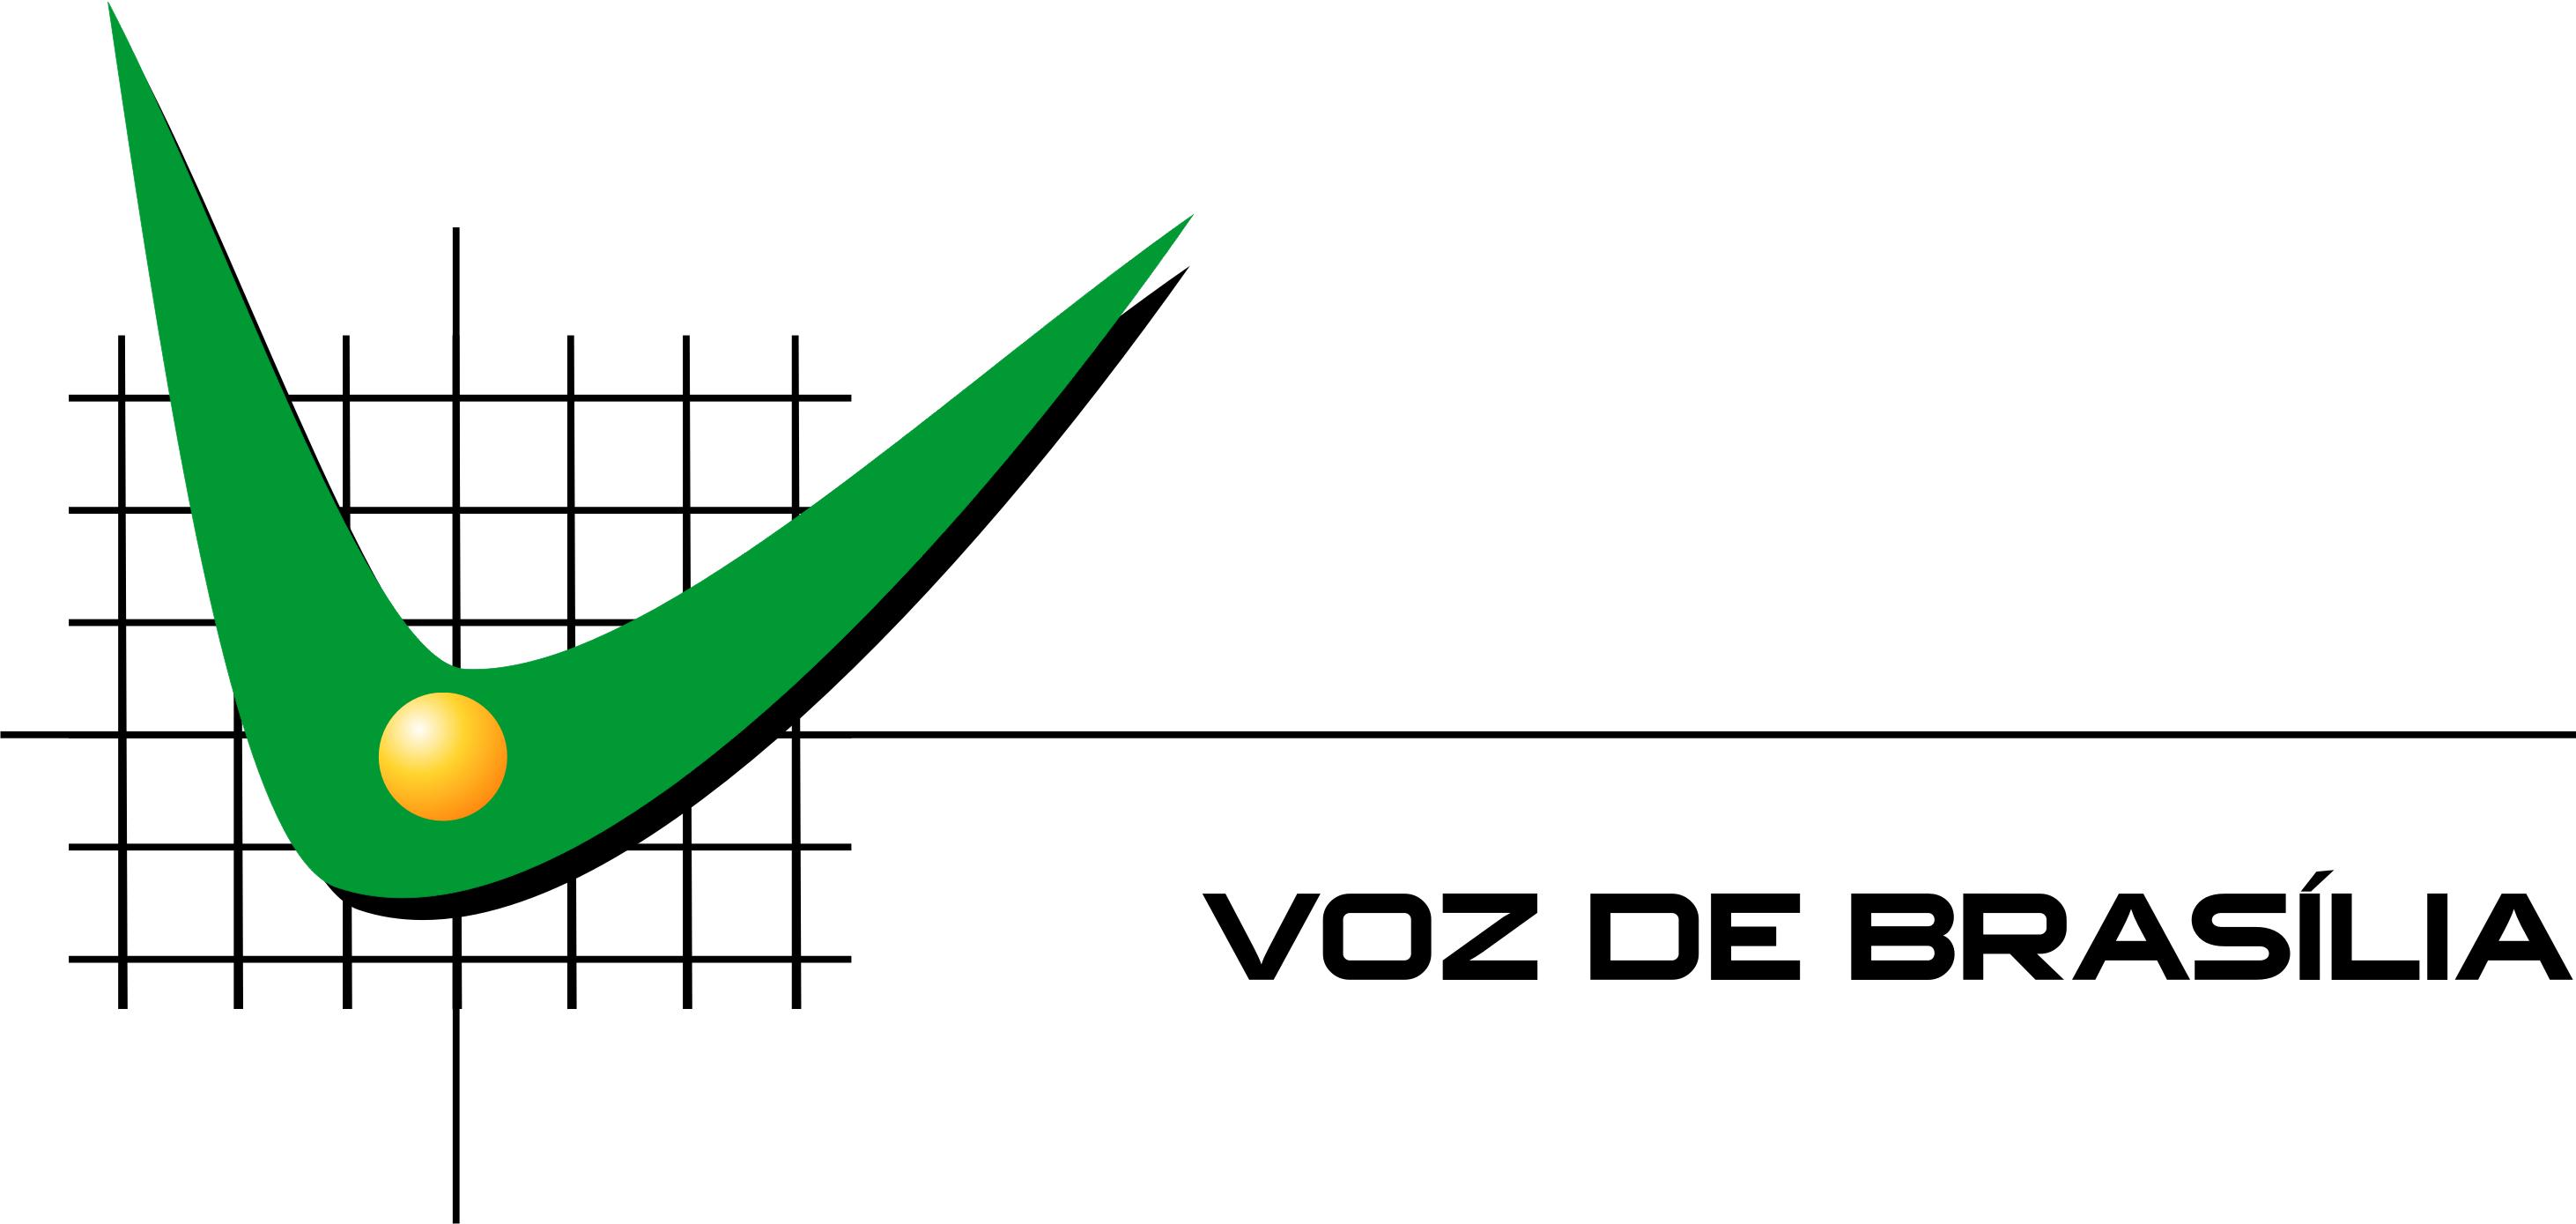 Voz de Brasília